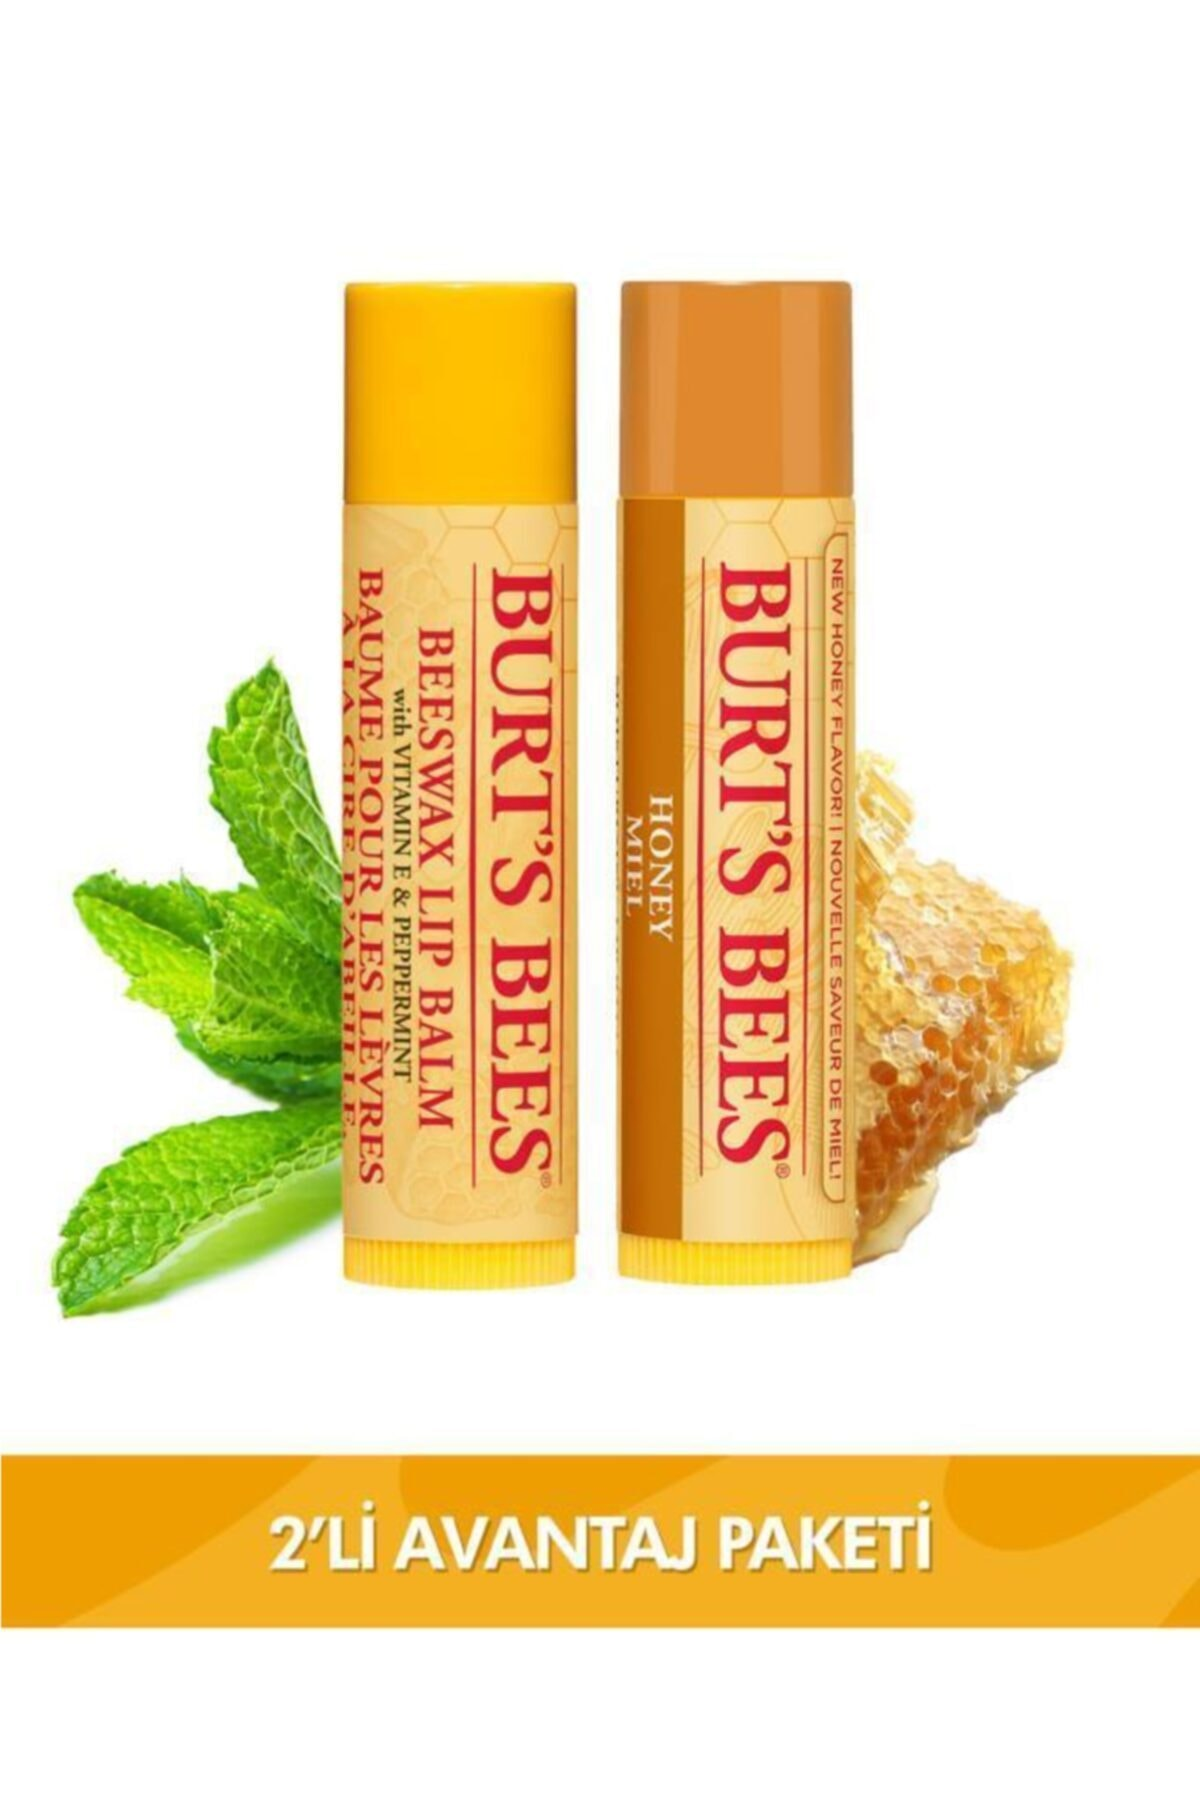 Burts Bees Beeswax + Bal Aromalı Dudak Bakım Kremi Avantaj Seti 1